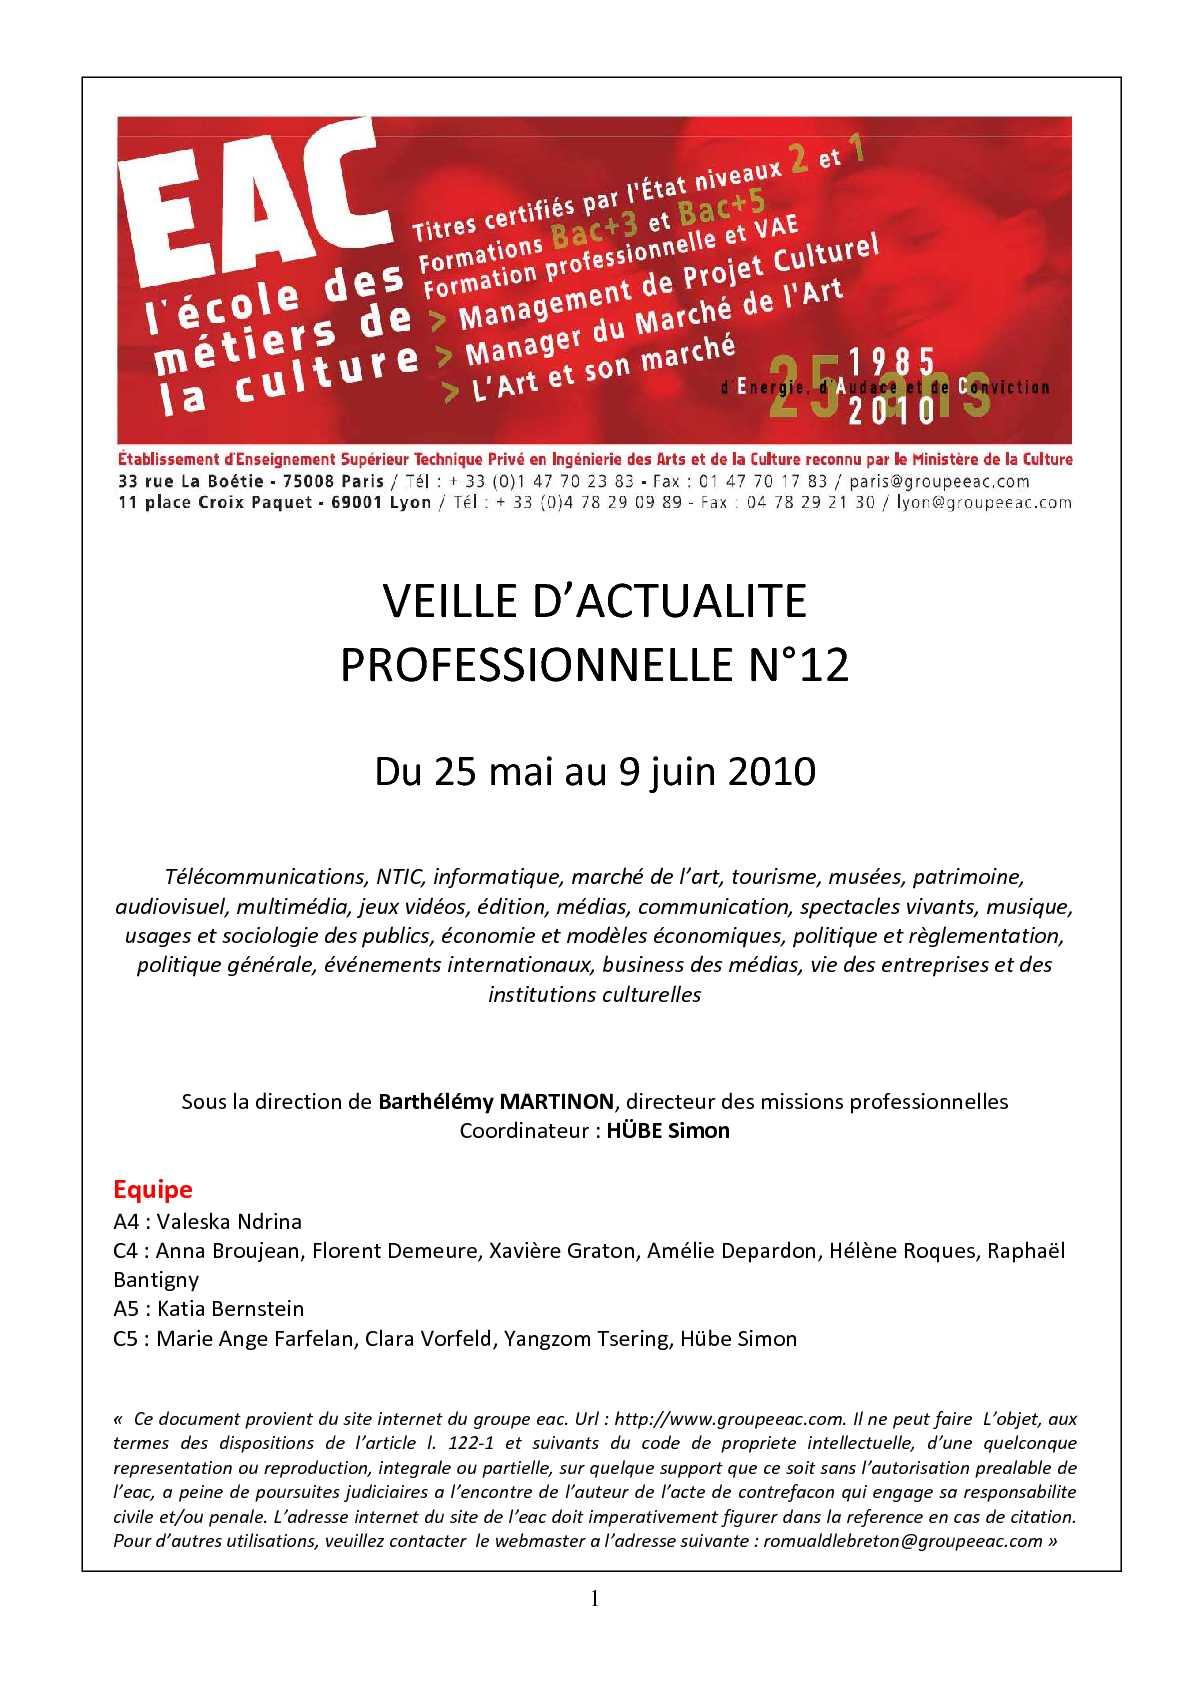 f3690954f3bfdb Calaméo - EAC   2009-2010   Veille d actualité professionnelle n°12    25 05 10 - 09 06 10